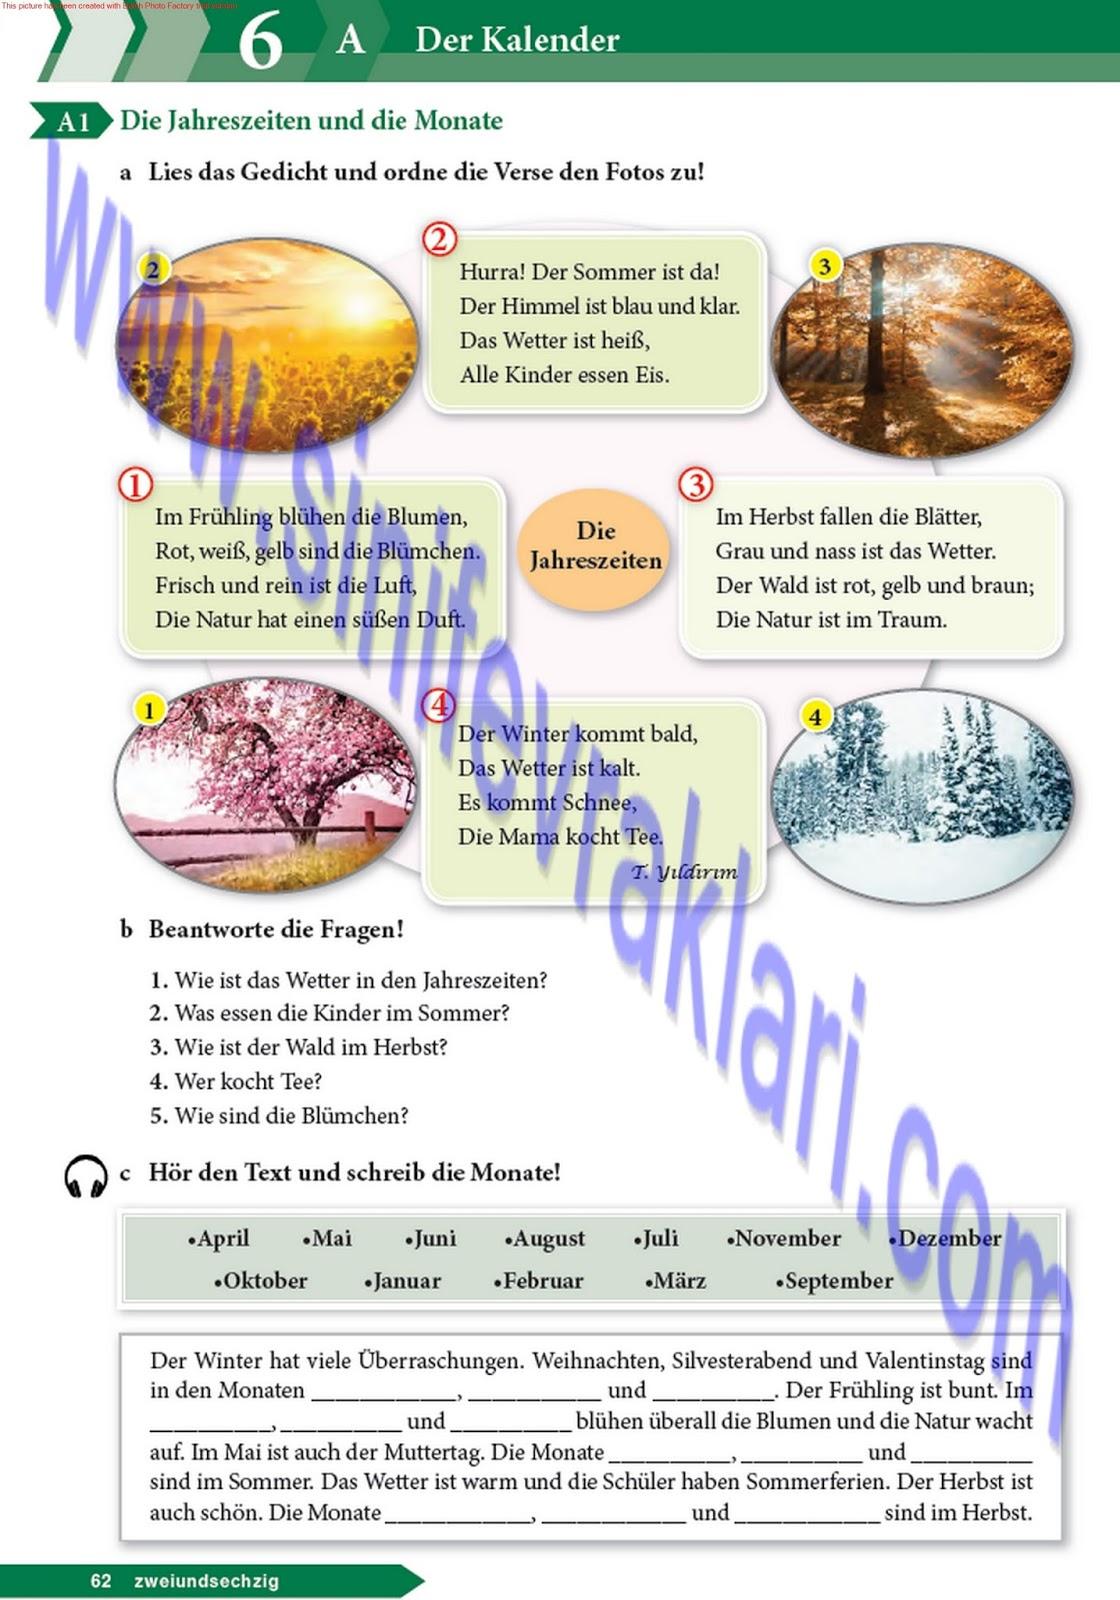 9 Sınıf Almanca A11 Ders Kitabı Cevapları Sayfa 62 Ders Kitabı